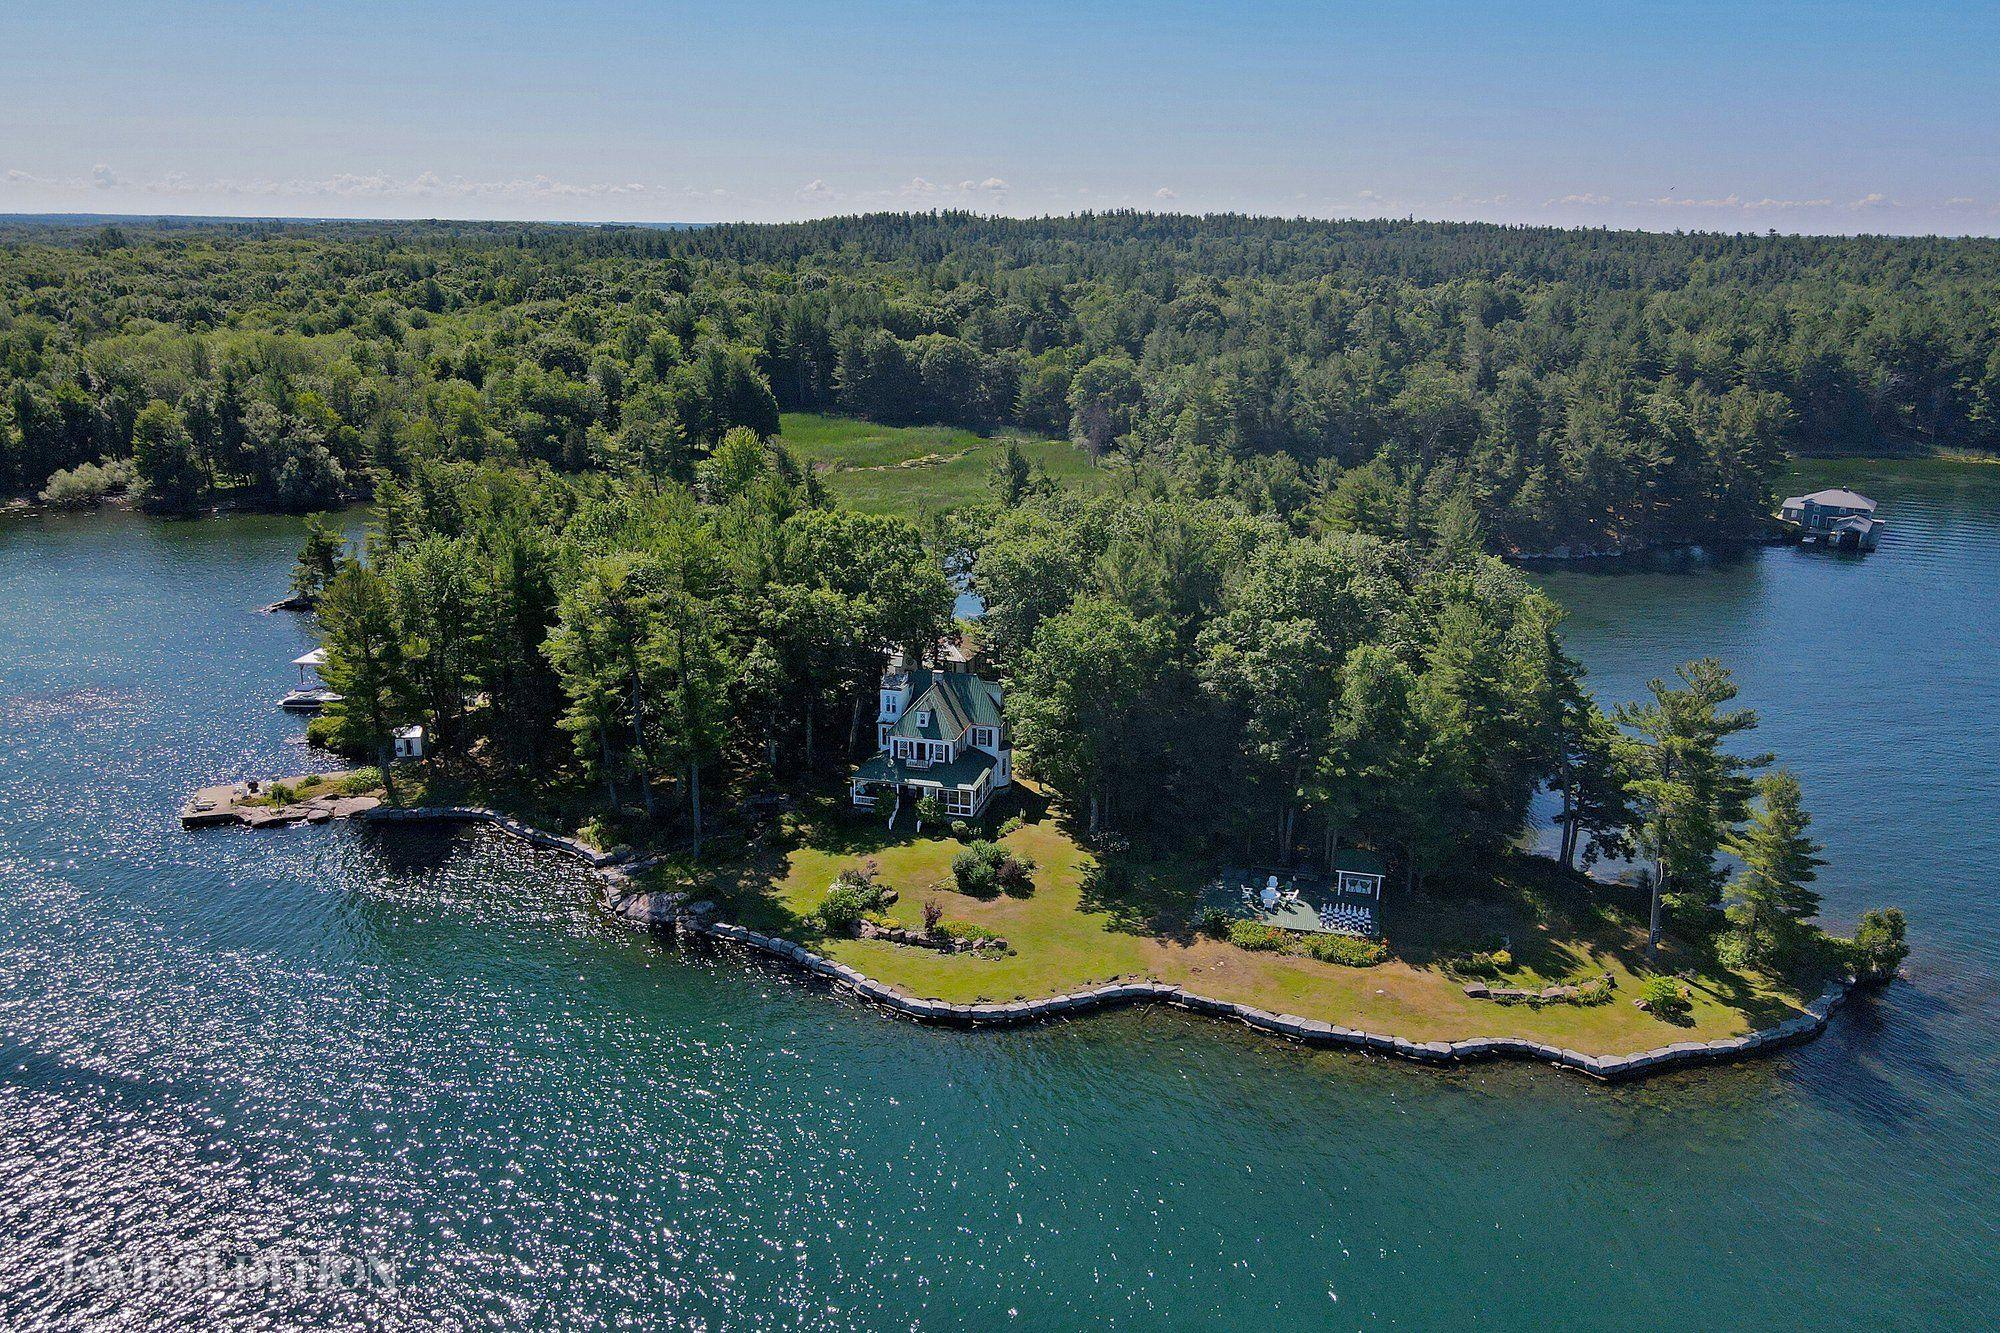 Private Island in Ontario, Canada 1